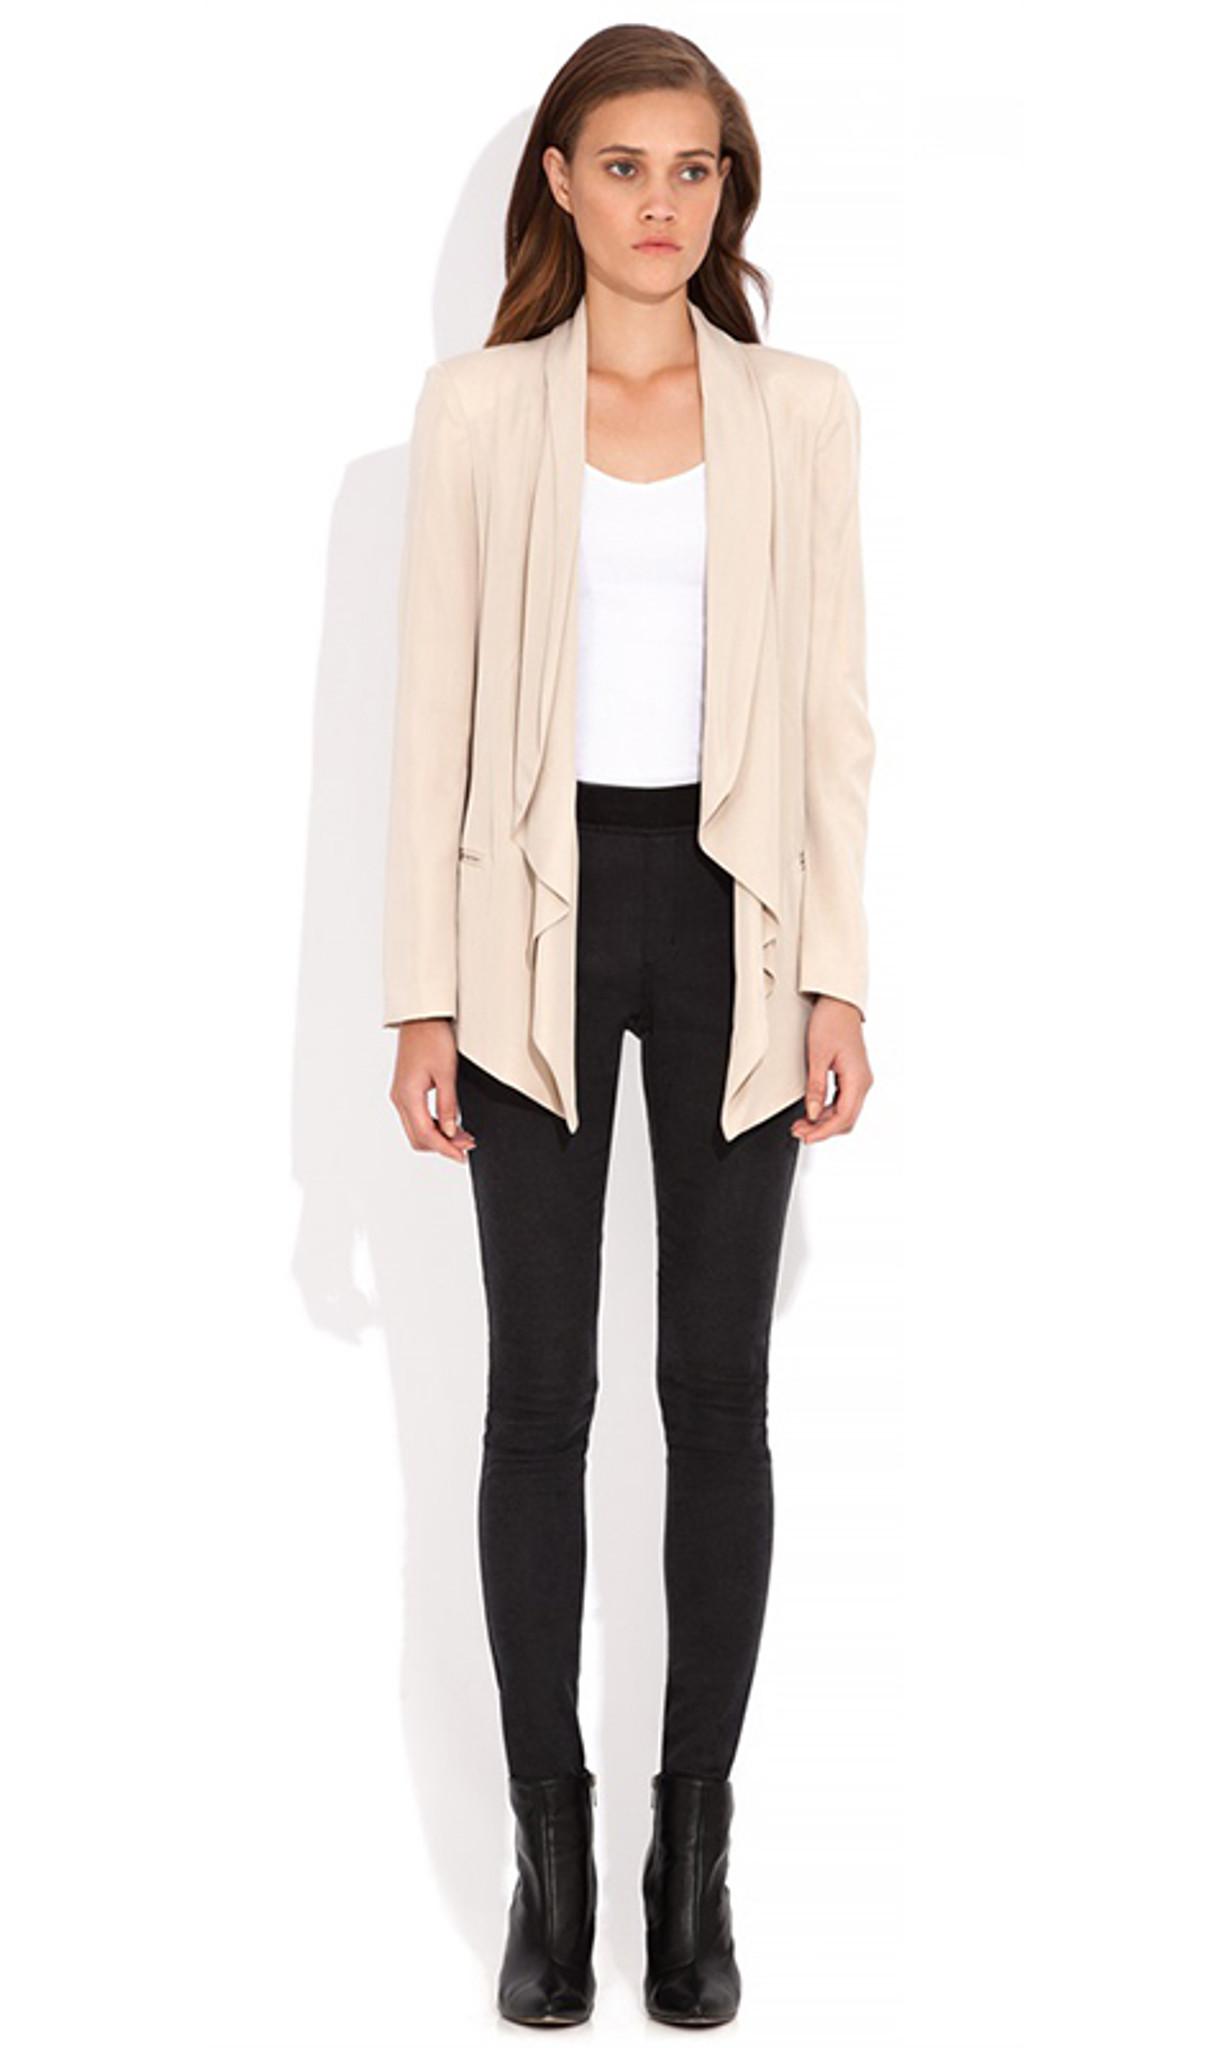 Proxy Blazer By Wish Women S Jackets Alibionline